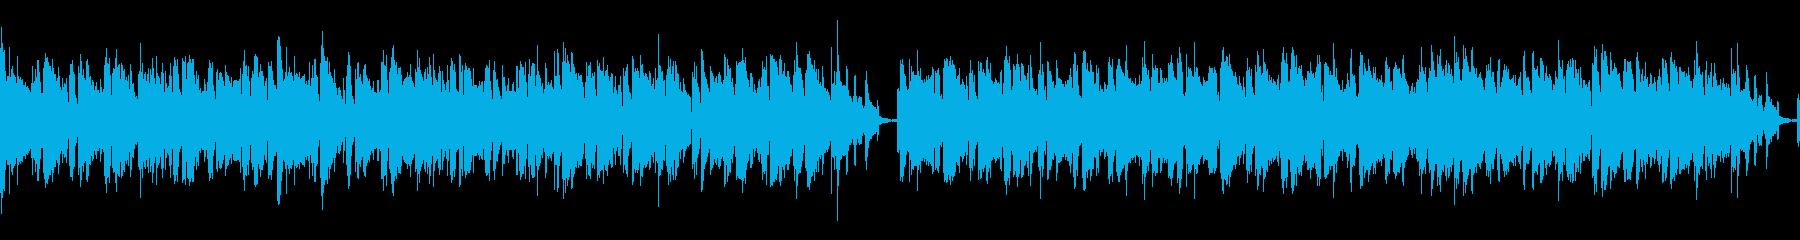 【ループ仕様】クラブ系トロンボーンジャズの再生済みの波形